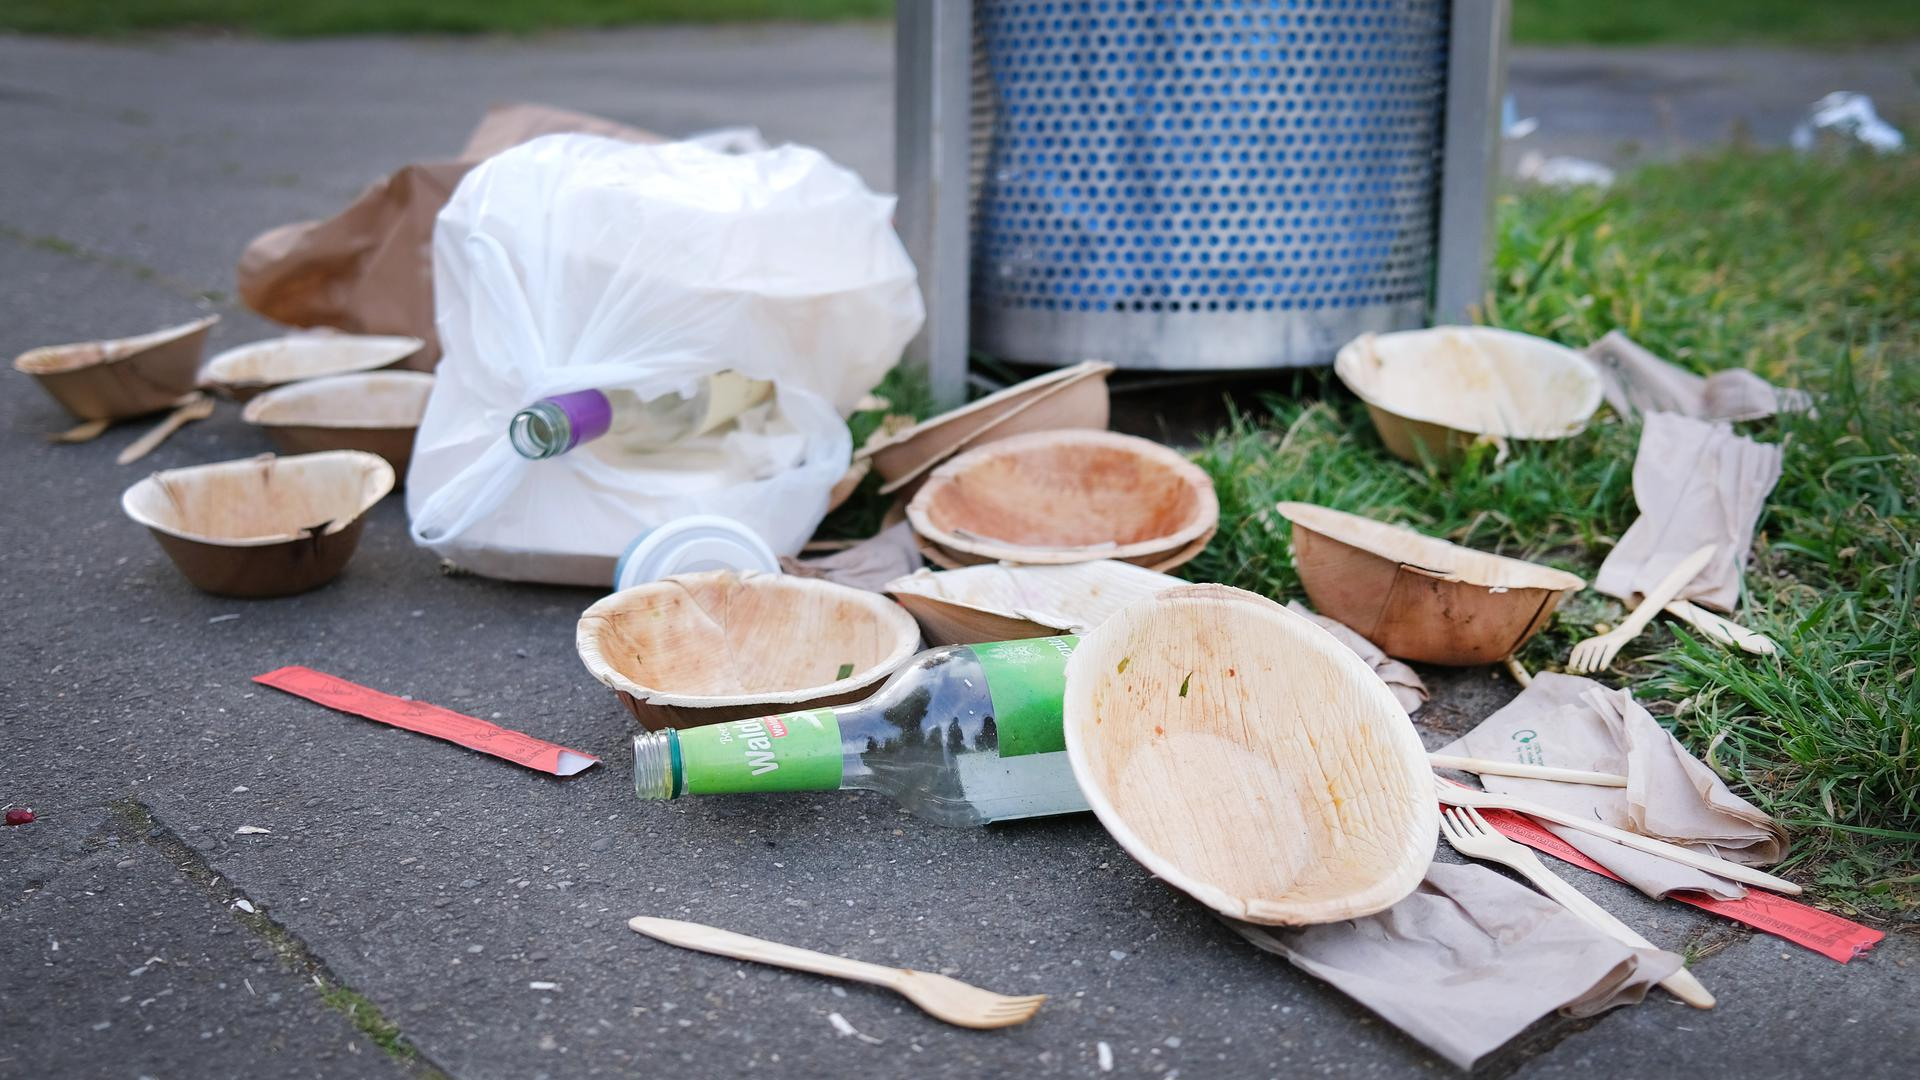 Einweggeschirr liegt neben einem vollen Mülleimer an einem Park in Düsseldorf. Wegen der Corona-Krise nimmt das Abfallaufkommen zu. +++ dpa-Bildfunk +++